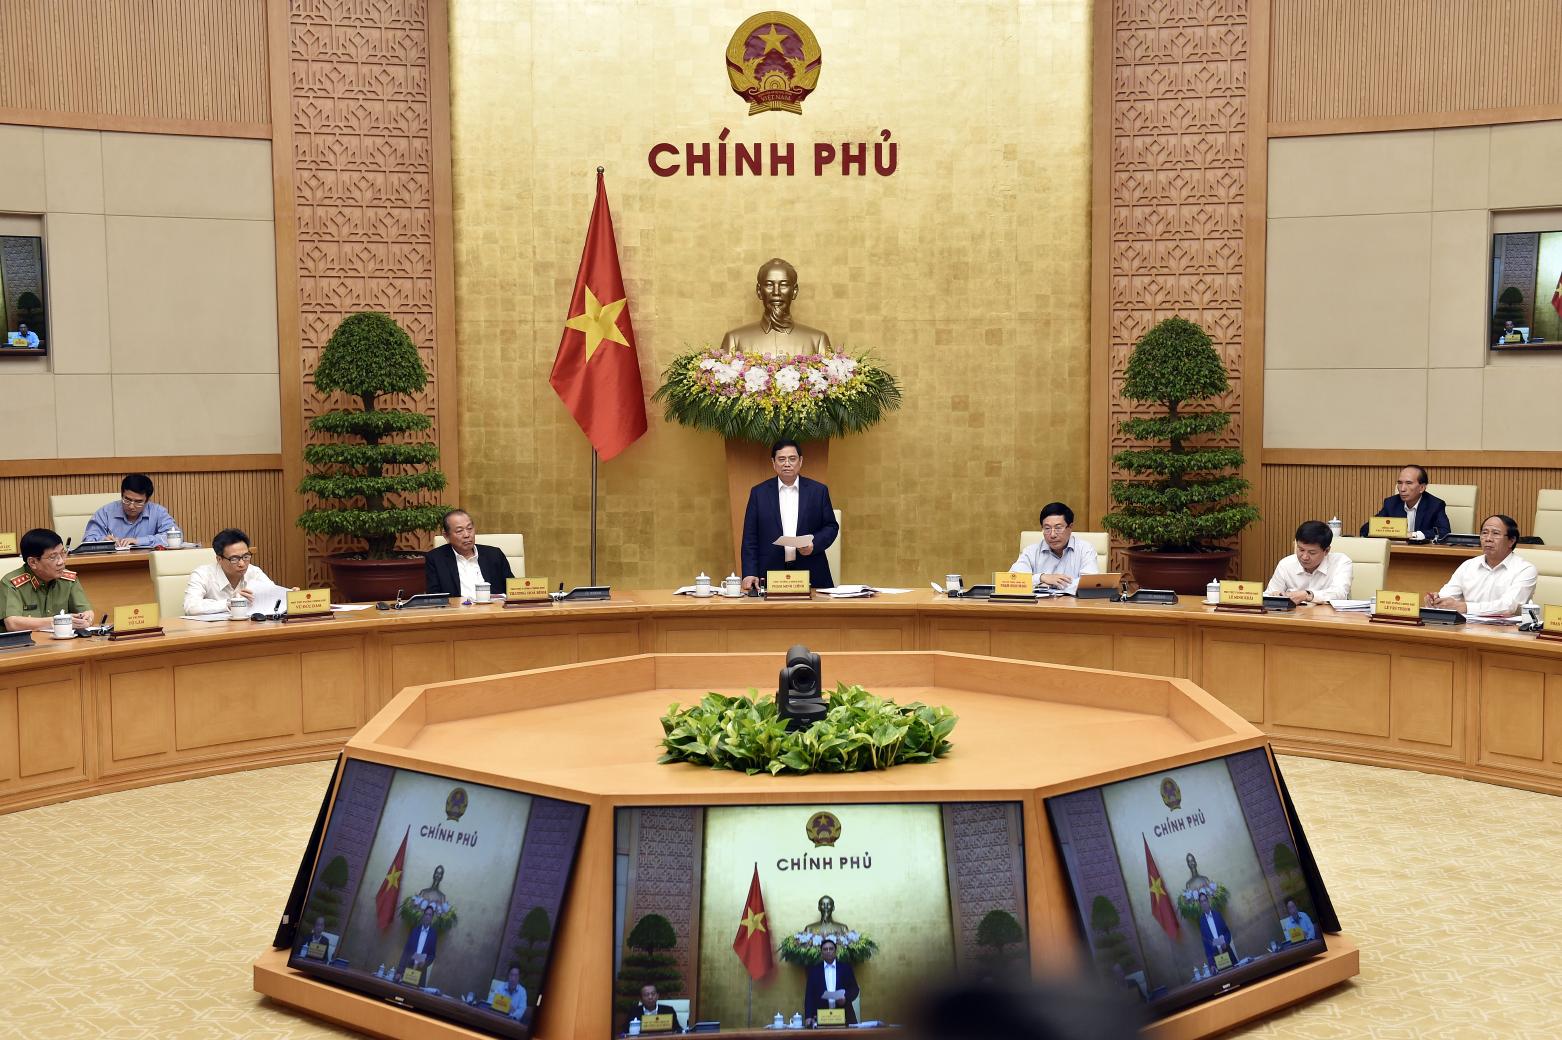 Ngày 15-4-2021, tại Trụ sở Chính phủ, Thủ tướng Chính phủ Phạm Minh Chính chủ trì phiên họp Chính phủ triển khai công việc sau khi được kiện toàn nhân sự tại kỳ họp thứ 11, Quốc hội khóa XIV - Ảnh: VGP/Nhật Bắc